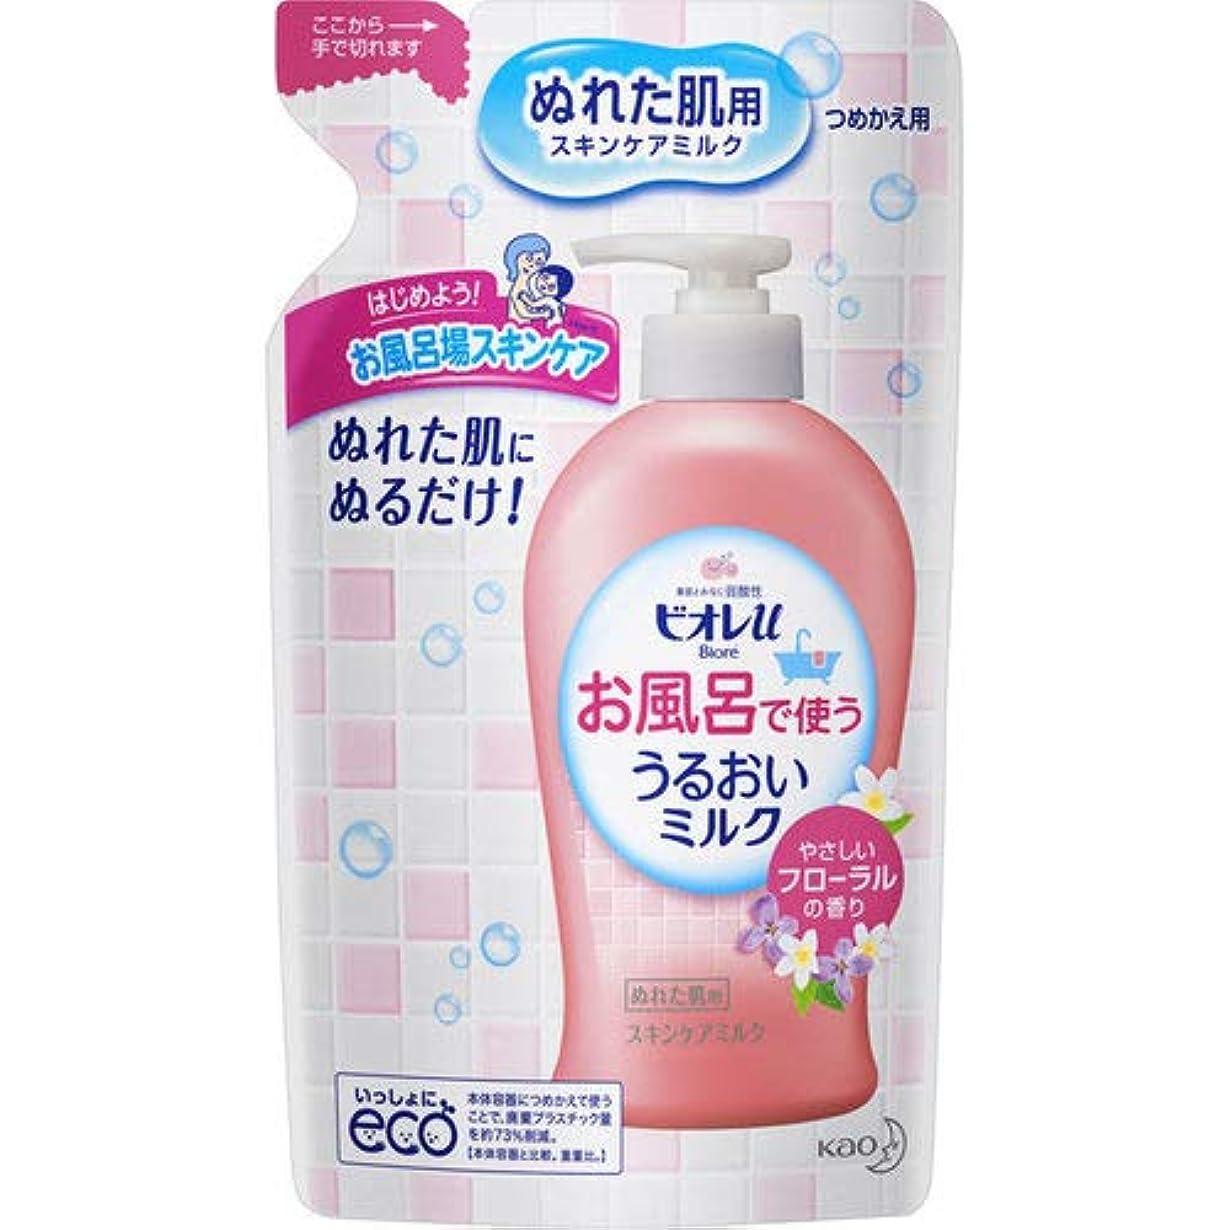 マウスピーススマッシュ回転するビオレu お風呂で使ううるおいミルク フローラル つめかえ用 250mL